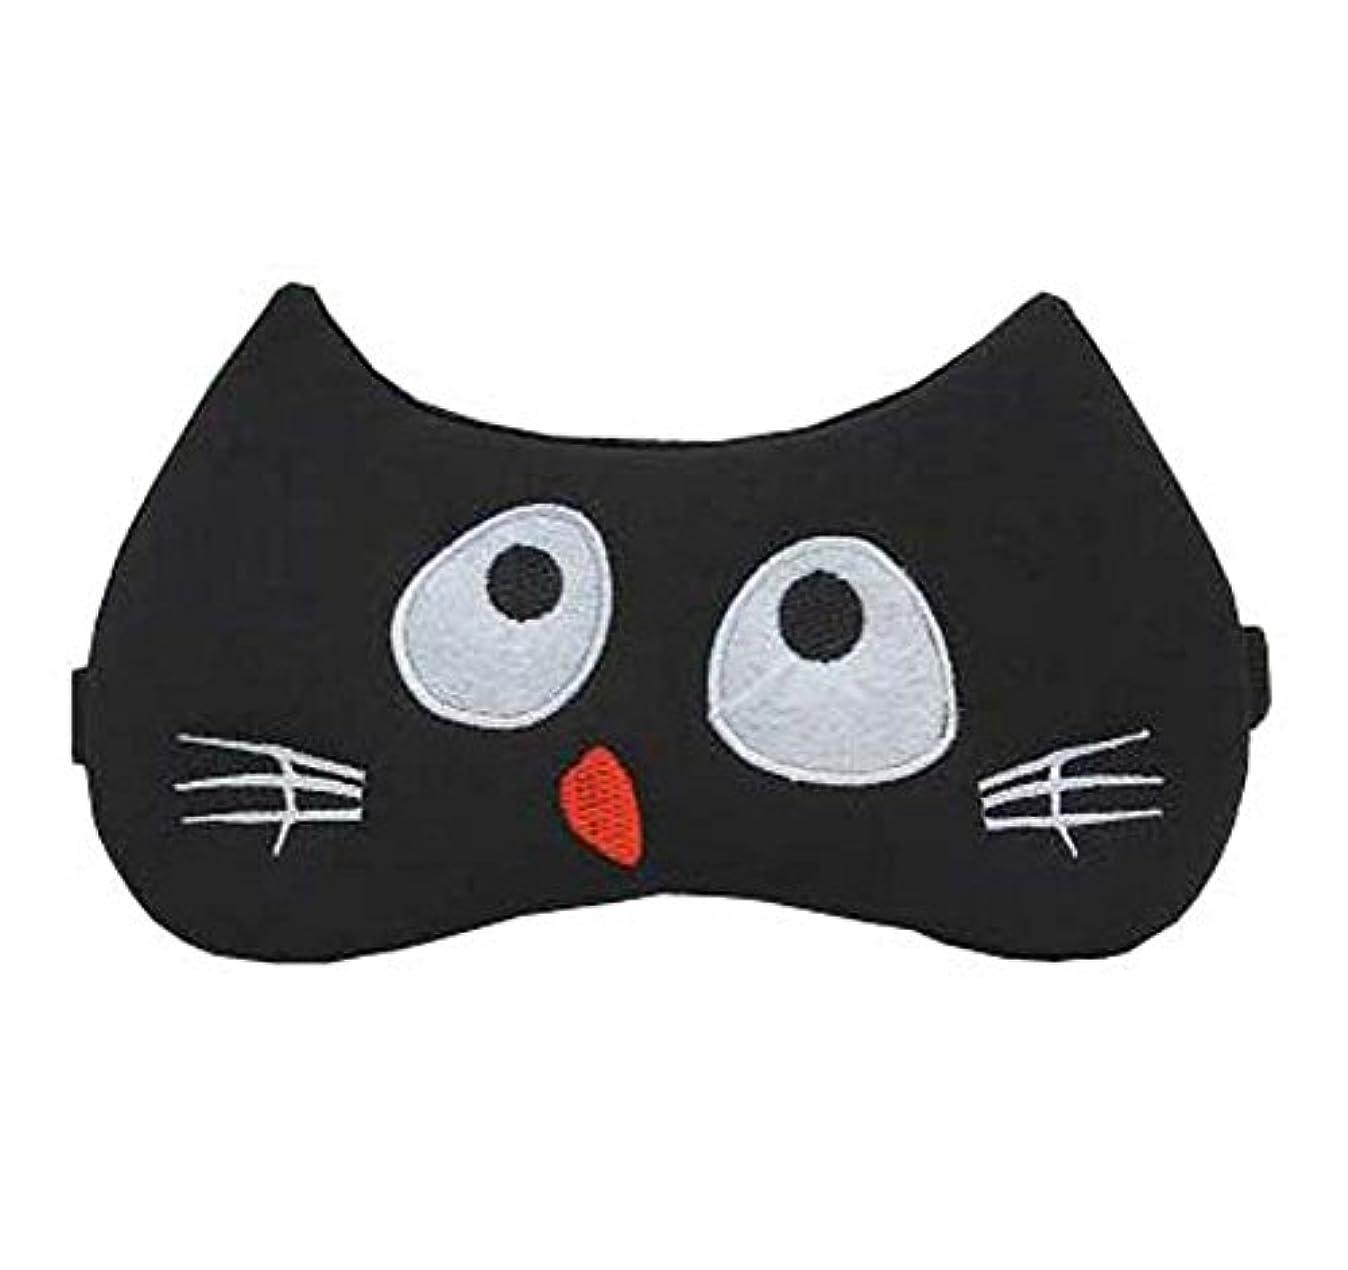 間欠悲しいことににはまって快適なかわいい目のマスクは、睡眠の作業のための不眠症とストレスを軽減し、D